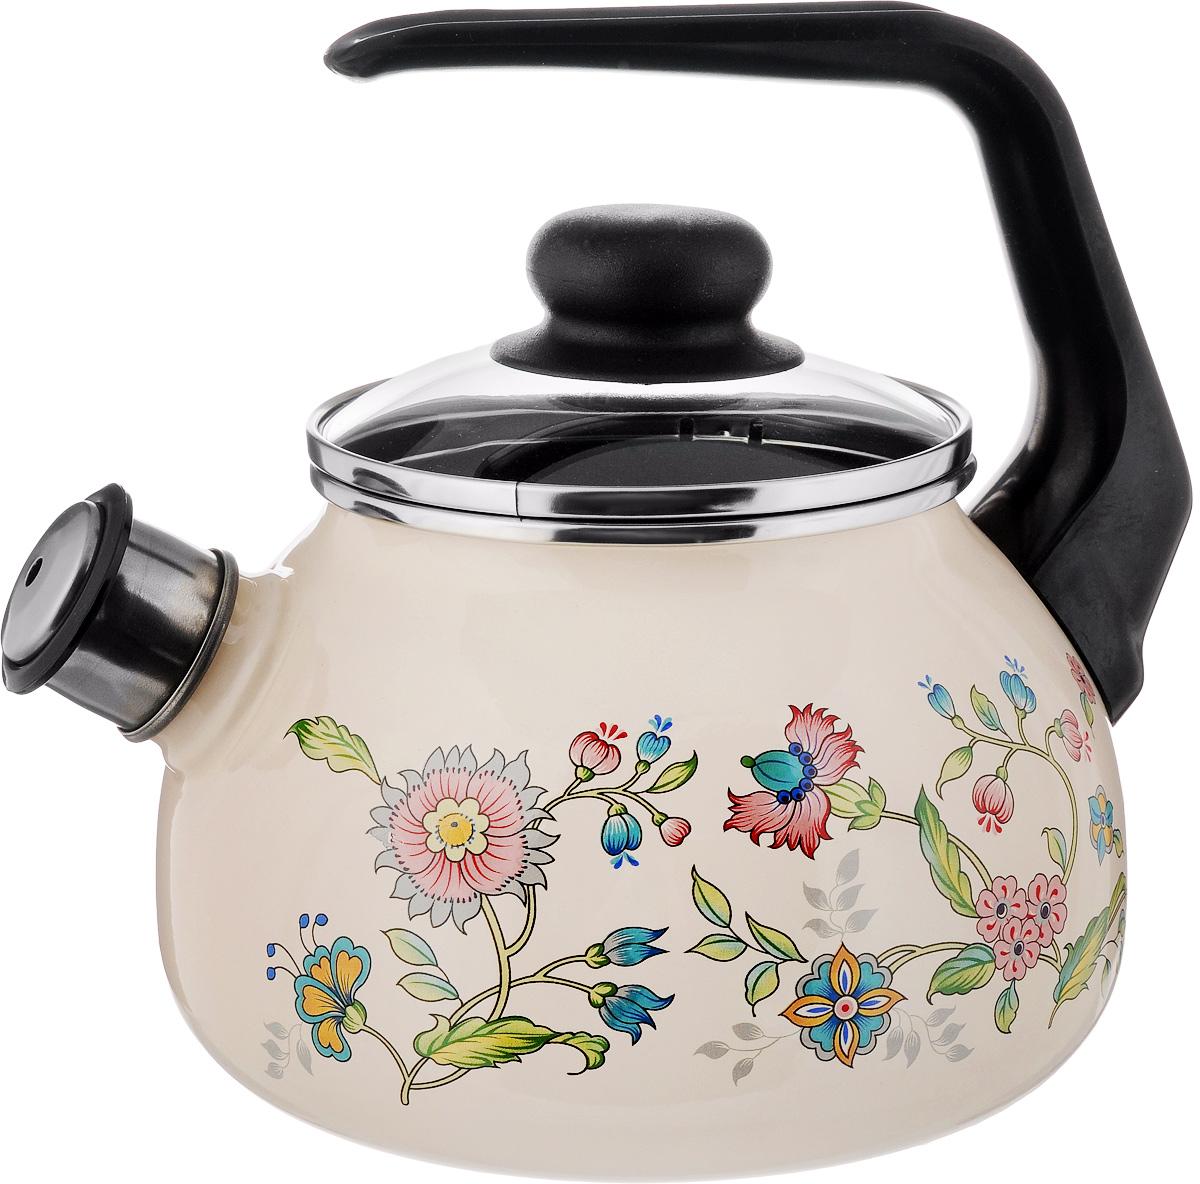 Чайник эмалированный СтальЭмаль Луговые цветы, со свистком, 2 л4с210/яЧайник СтальЭмаль Луговые цветы выполнен из высококачественного стального проката, покрытого двумя слоями жаропрочной эмали. Такое покрытие защищает сталь от коррозии, придает посуде гладкую стекловидную поверхность и надежно защищает от кислот и щелочей. Носик чайника оснащен свистком, звуковой сигнал которого подскажет, когда закипит вода. Чайник оснащен фиксированной ручкой из пластика и стеклянной крышкой, которая плотно прилегает к краю благодаря особой конструкции. Внешние стенки декорированы красочным цветочным рисунком. Эстетичный и функциональный чайник будет оригинально смотреться в любом интерьере. Подходит для всех типов плит, включая индукционные. Можно мыть в посудомоечной машине. Диаметр (по верхнему краю): 12,5 см. Высота чайника (с учетом ручки): 21 см. Высота чайника (без учета ручки и крышки): 12,5 см.